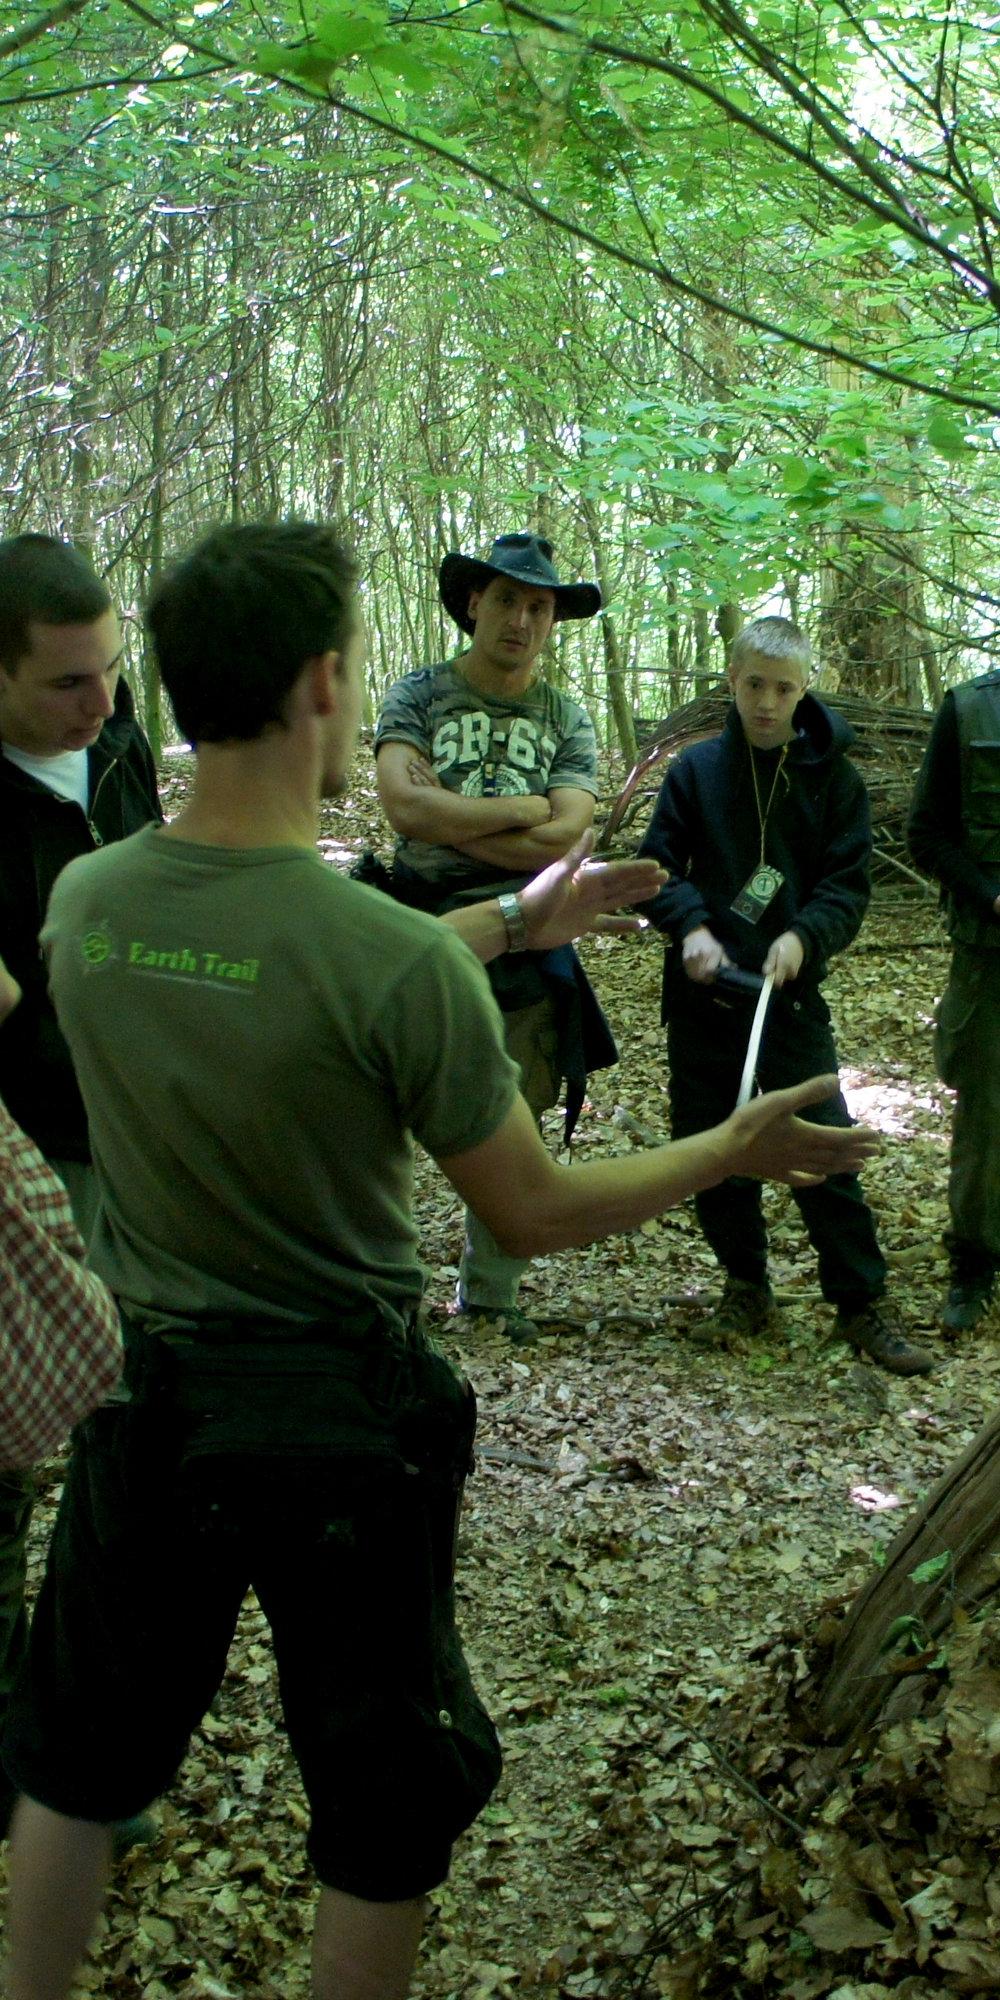 Outdoor Guide / Wildnisführer Ausbildung - Persönliche Kompetenz